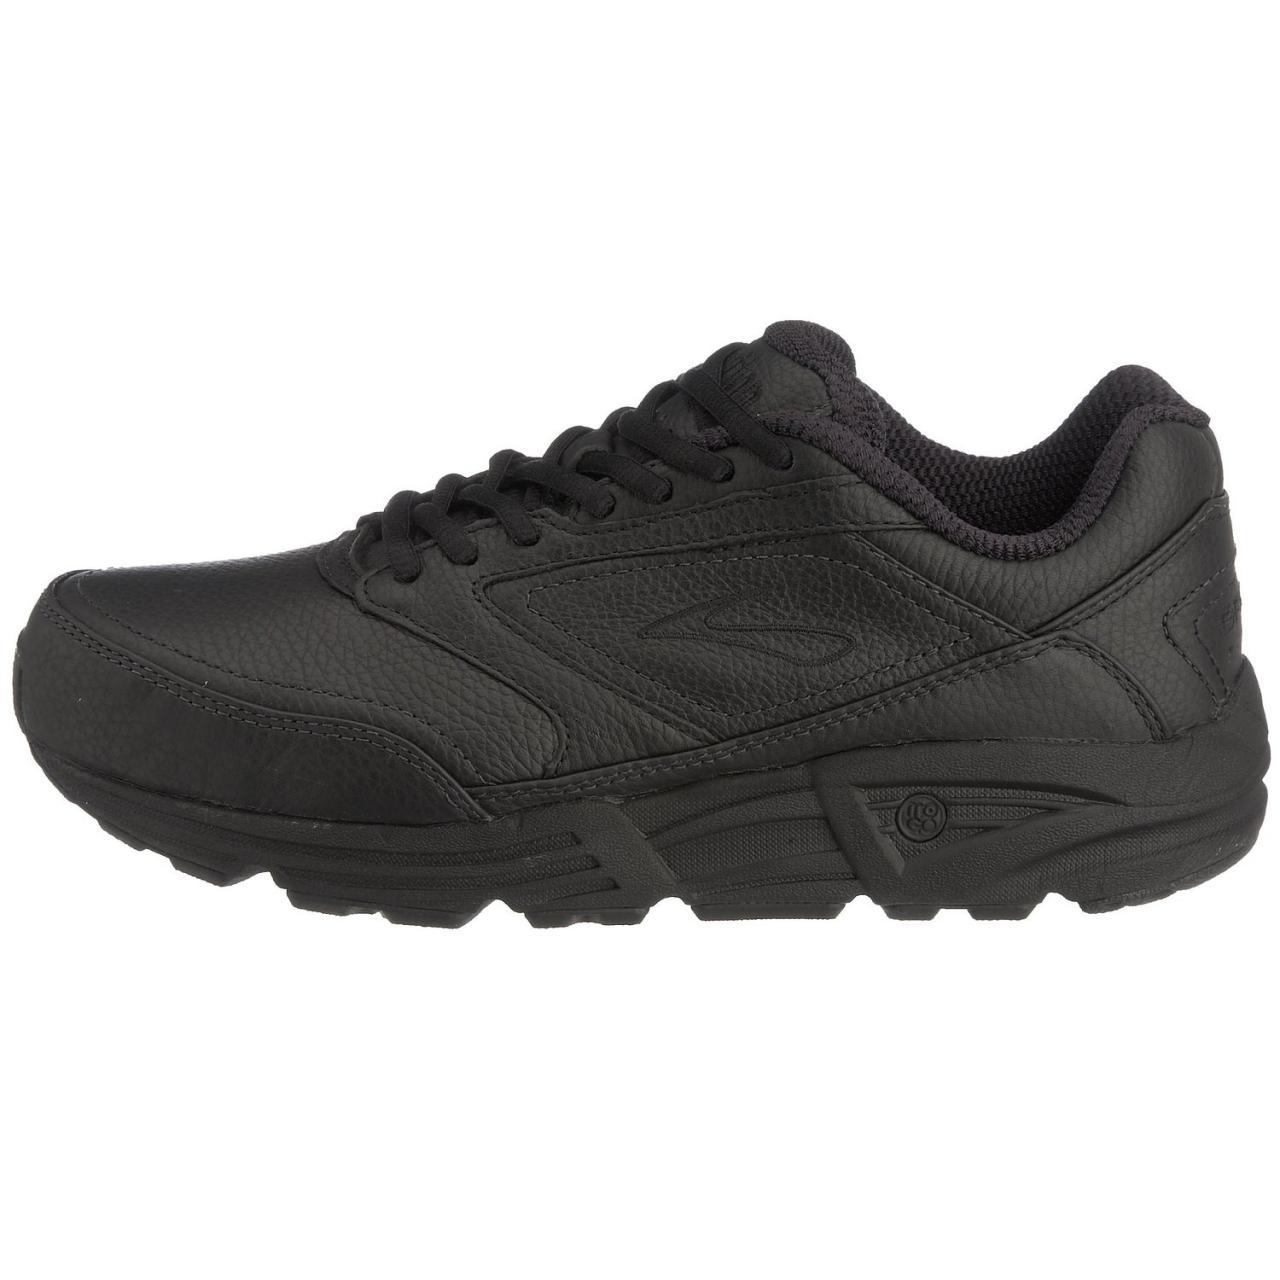 96ed5de88a20 10 Best Walking Shoes for Men 2019 - Men s Walking Shoes Reviews